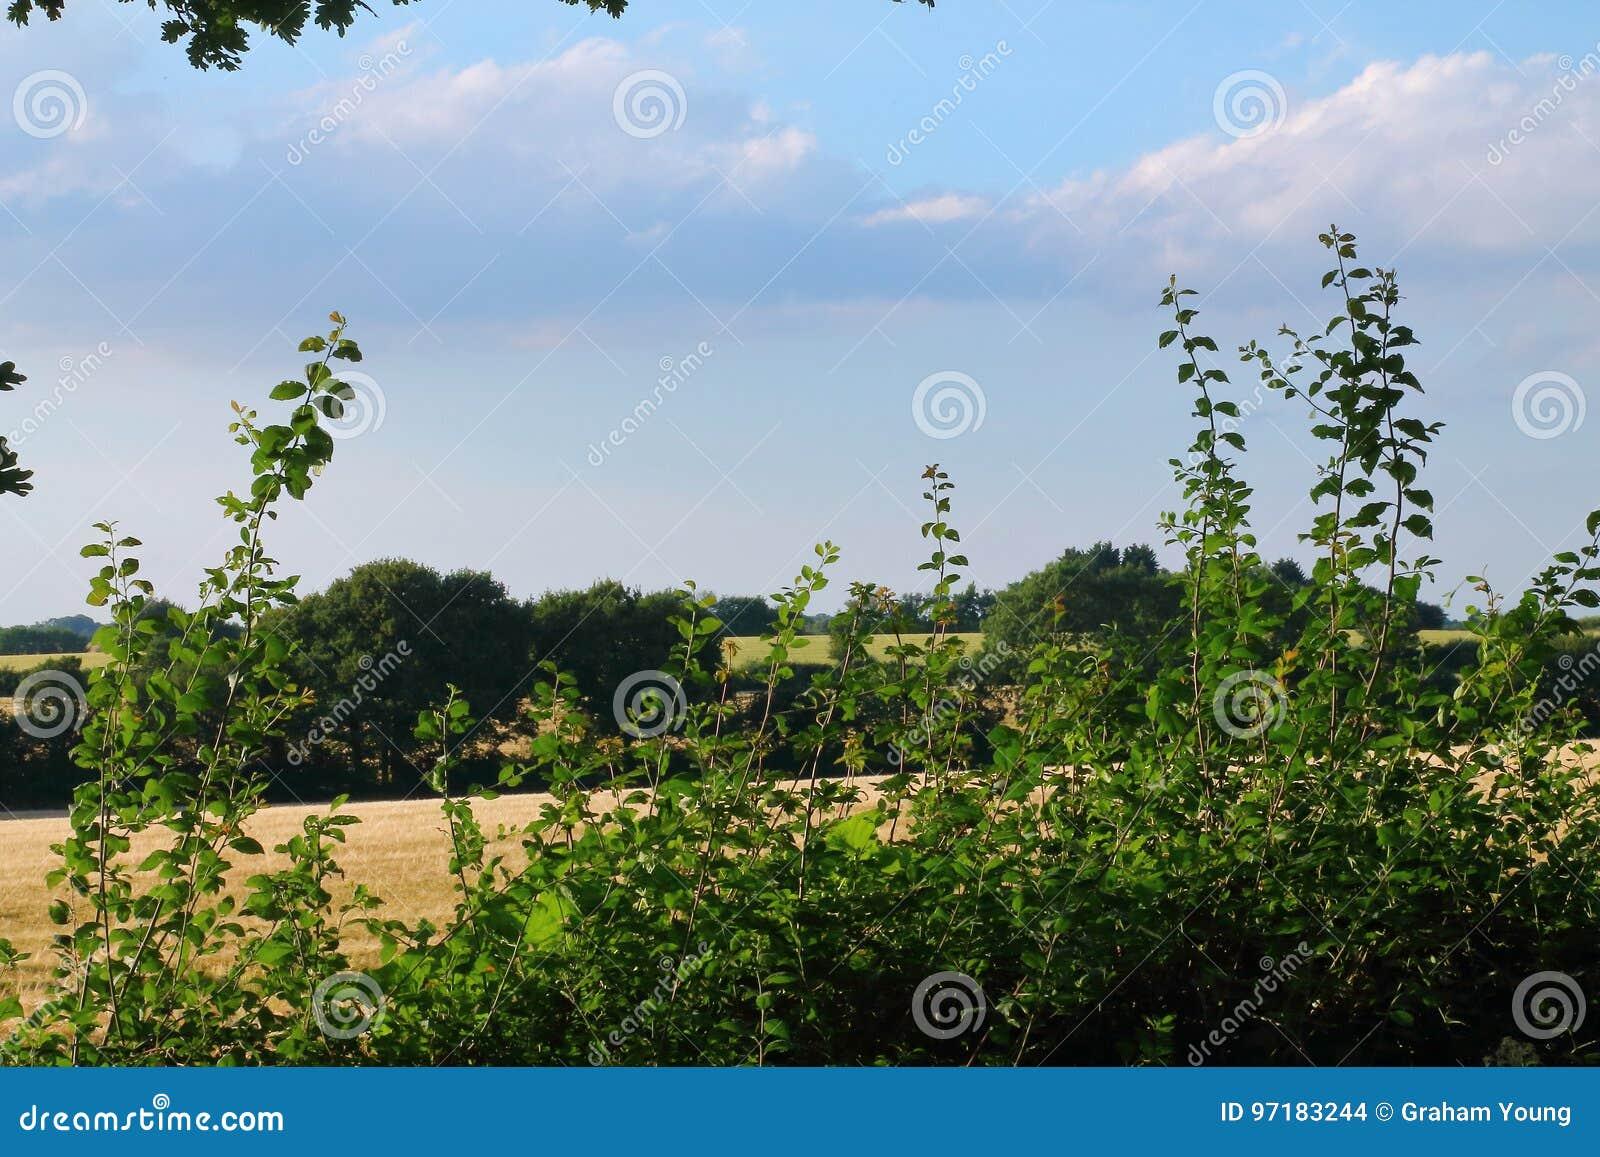 Englische Landschaft, ländliche Szene, schöne Landschaft